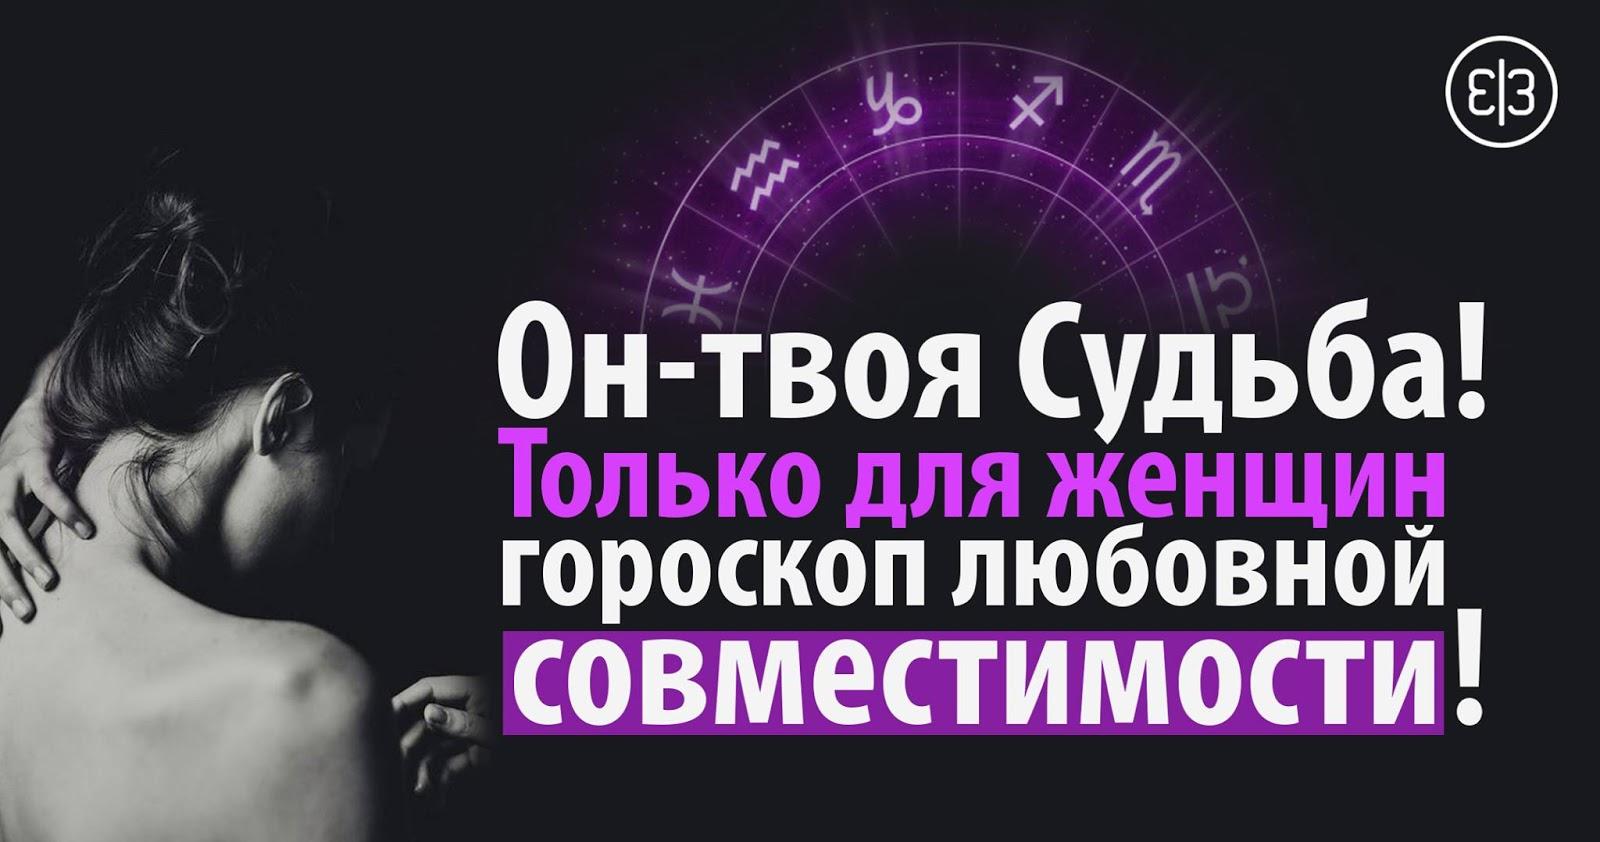 Козерог и Водолей: совместимость в отношениях с точки зрения астролога